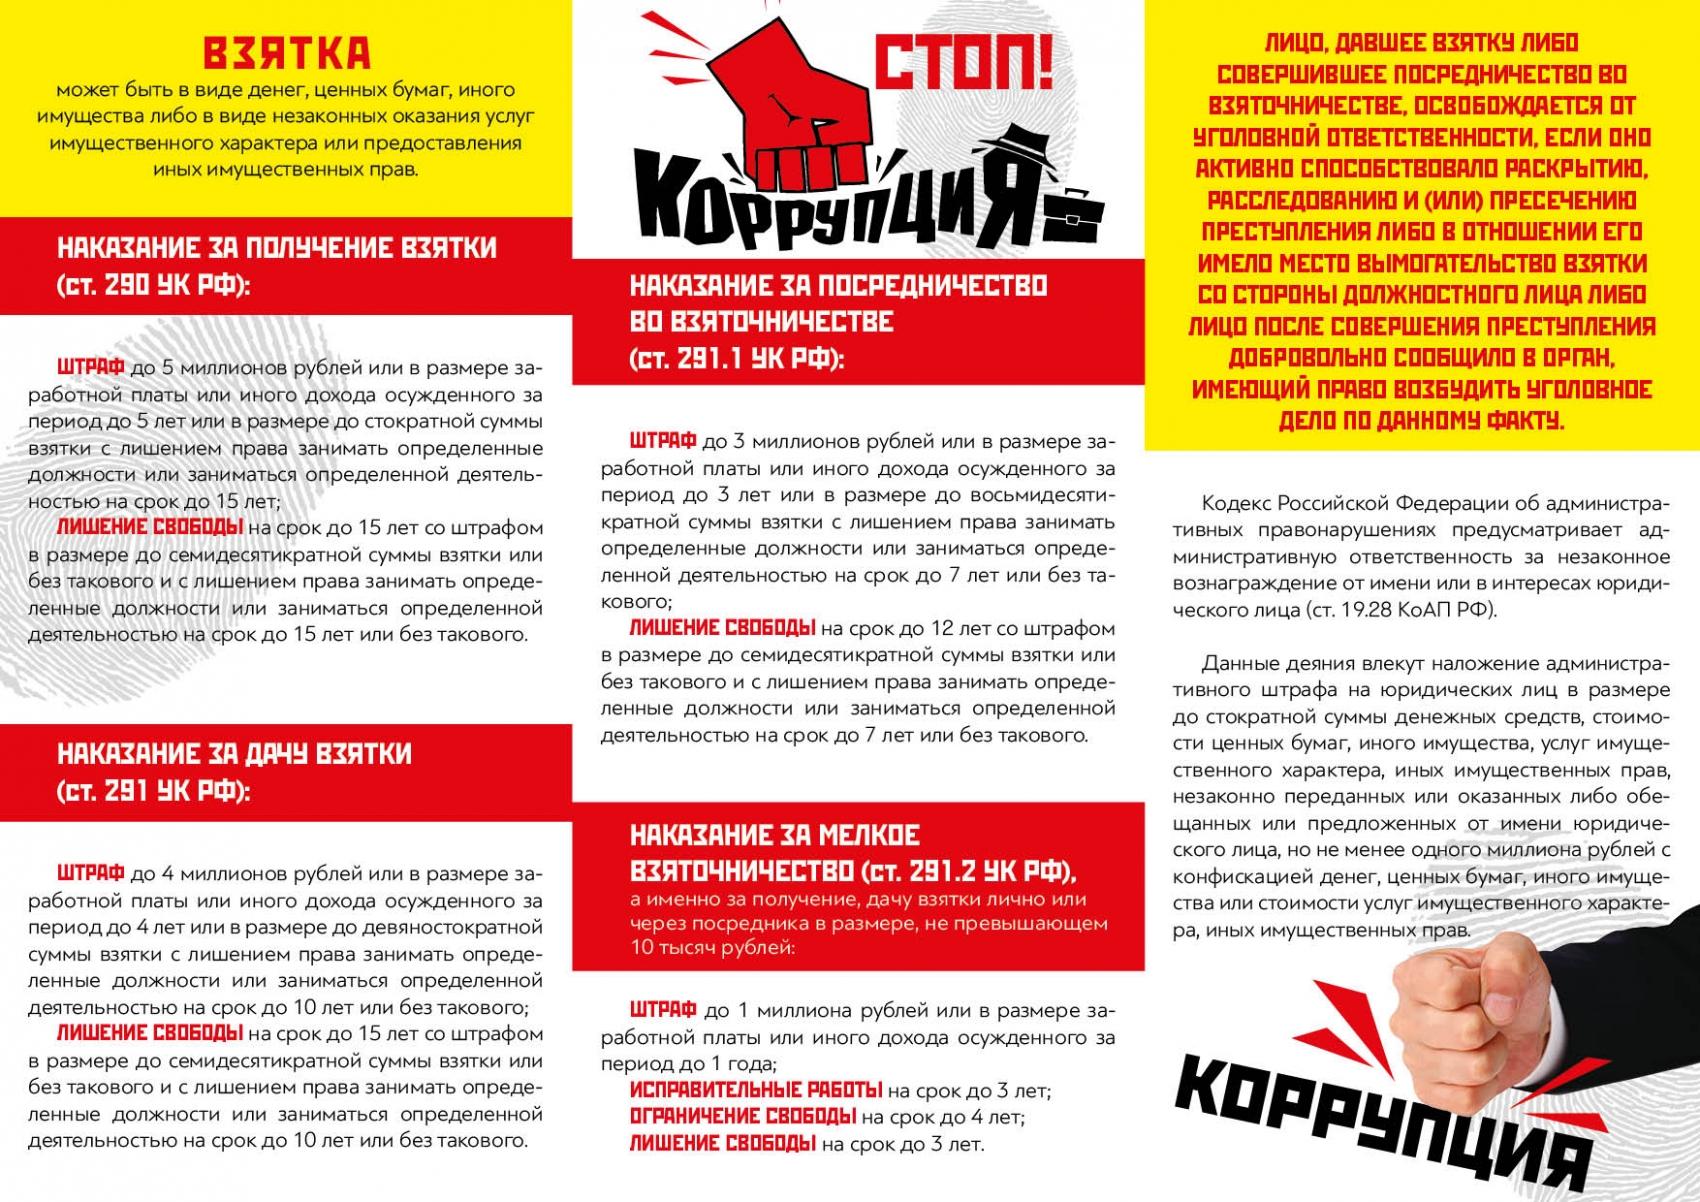 http://pupils.ru/upload/pupils/information_system_782/3/6/5/0/9/item_365095/information_items_property_116315.jpg